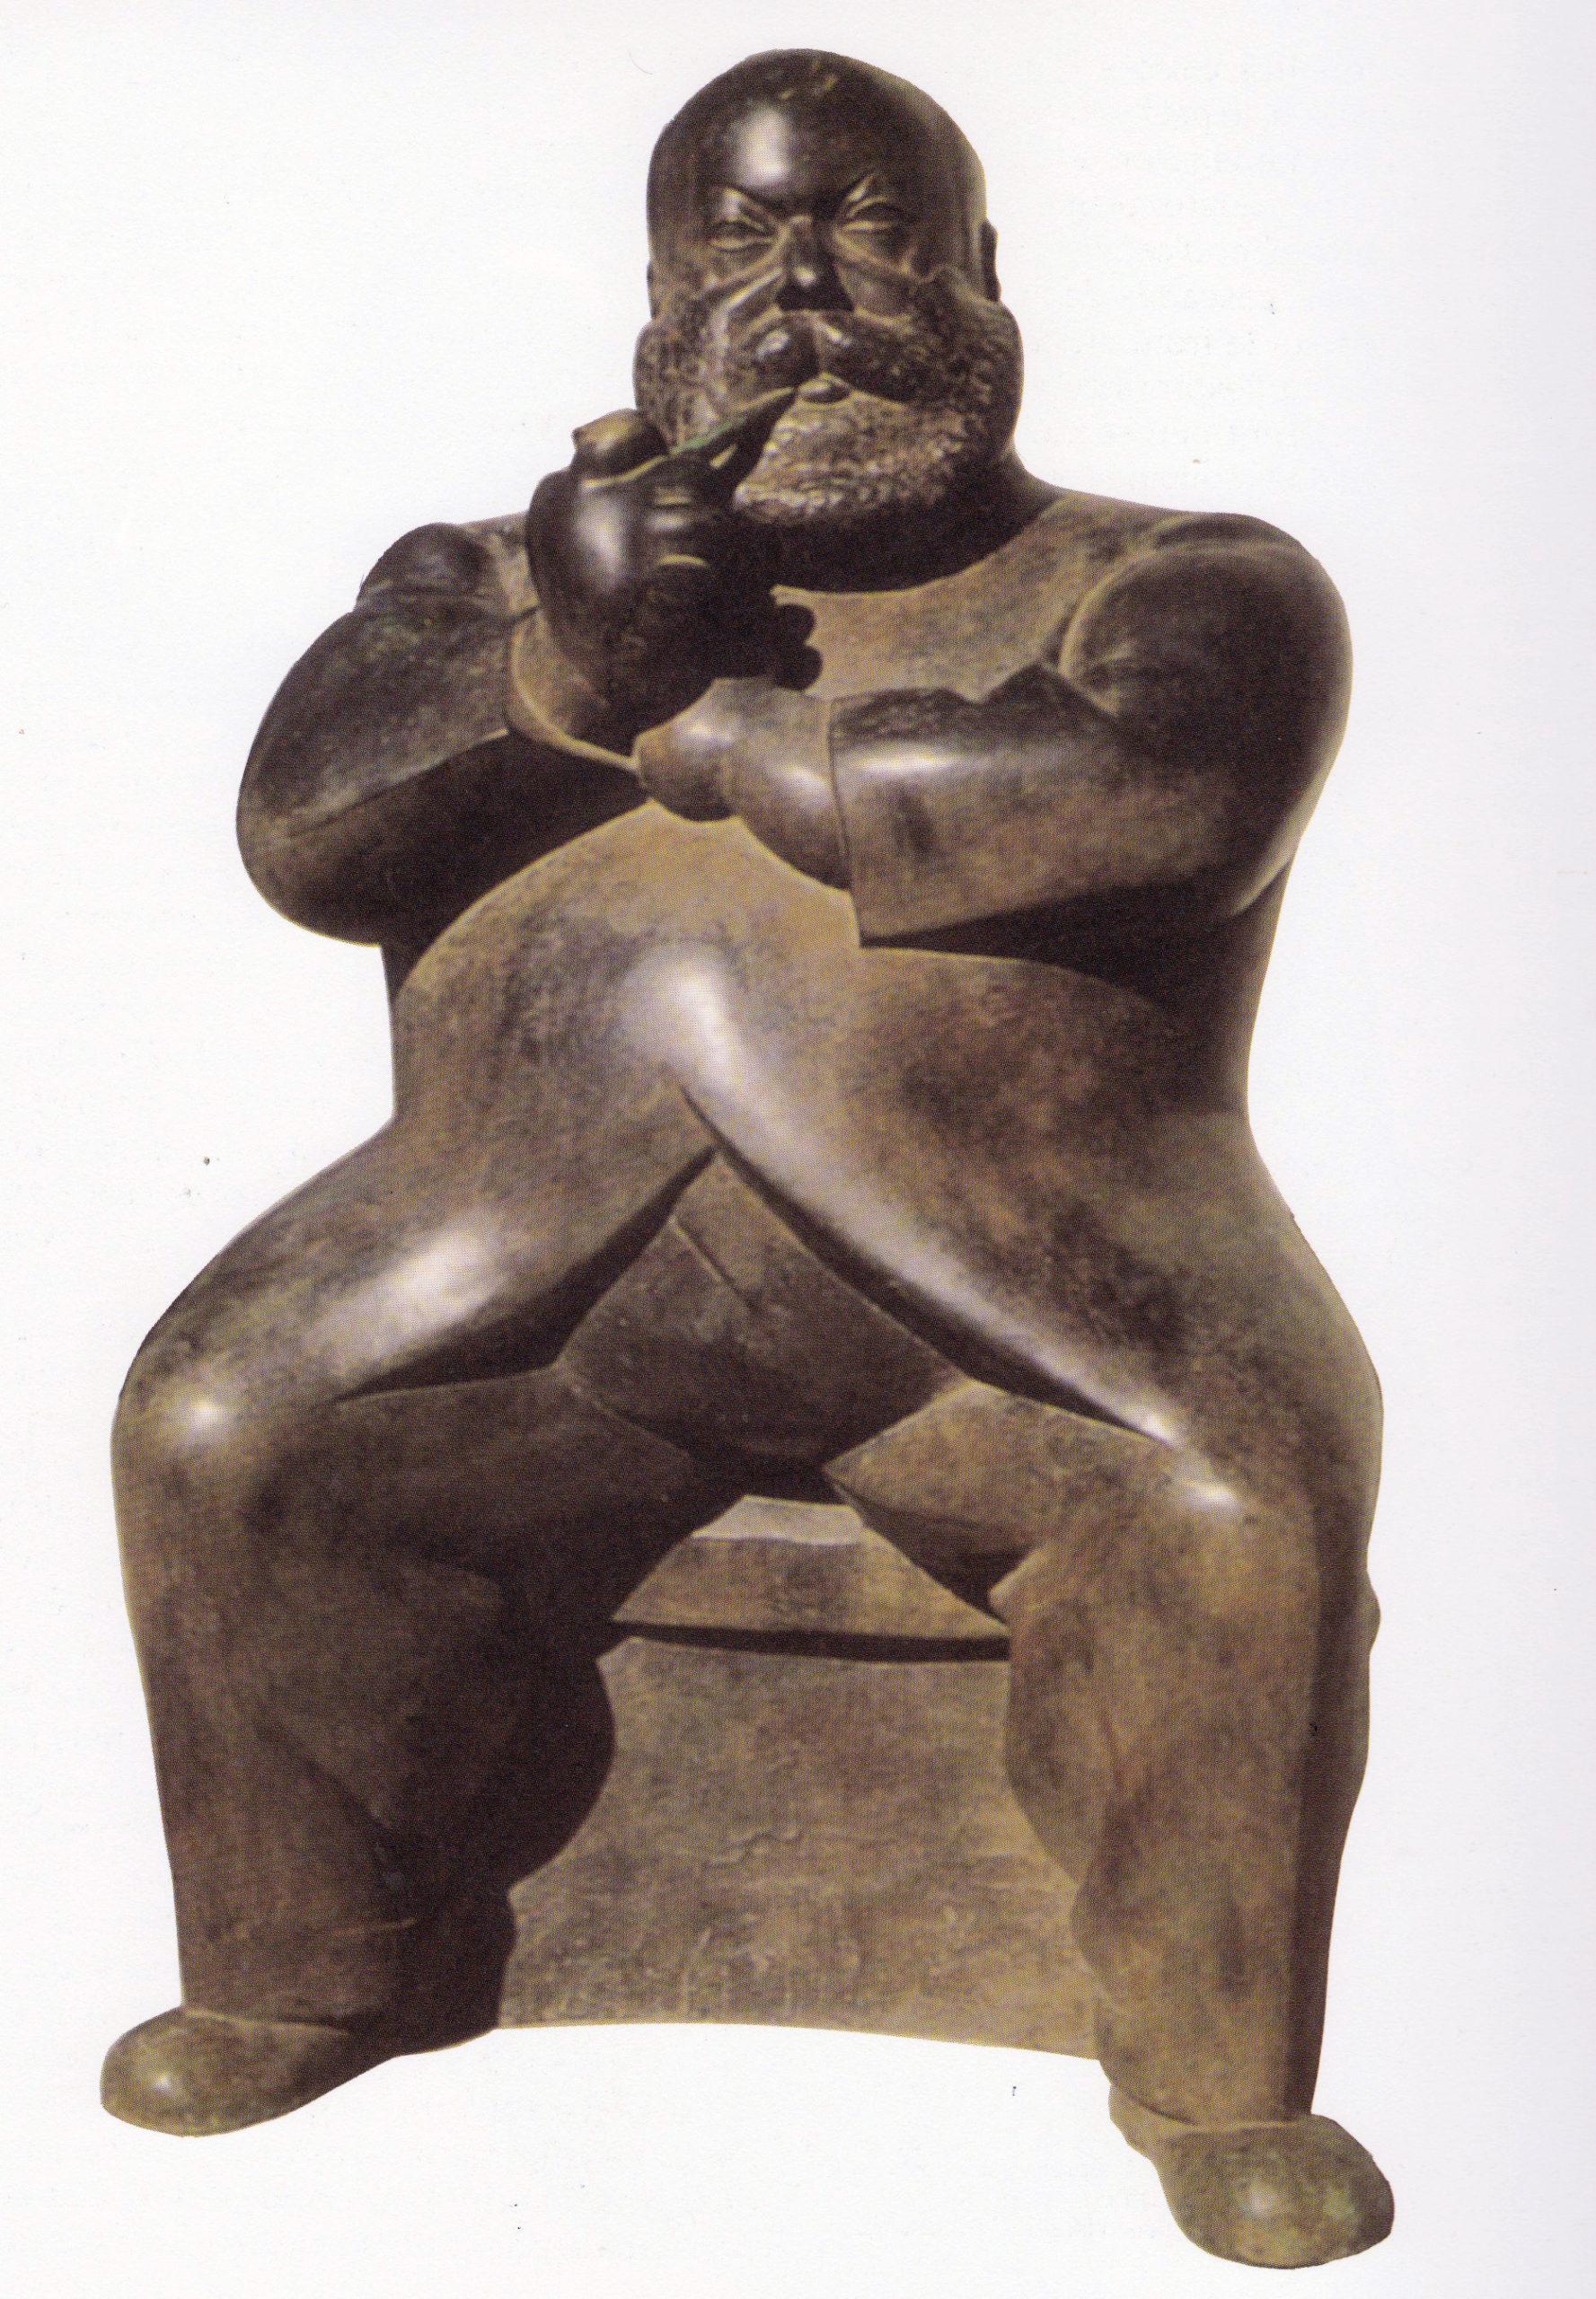 Widhopff – l'homme à la pipe 1924 - Épreuve en bronze fonte d'époque Alexis Rudier, 105x62,5x50,5cm Coll. Musée d'Israël, Jérusalem © archives de l'expert